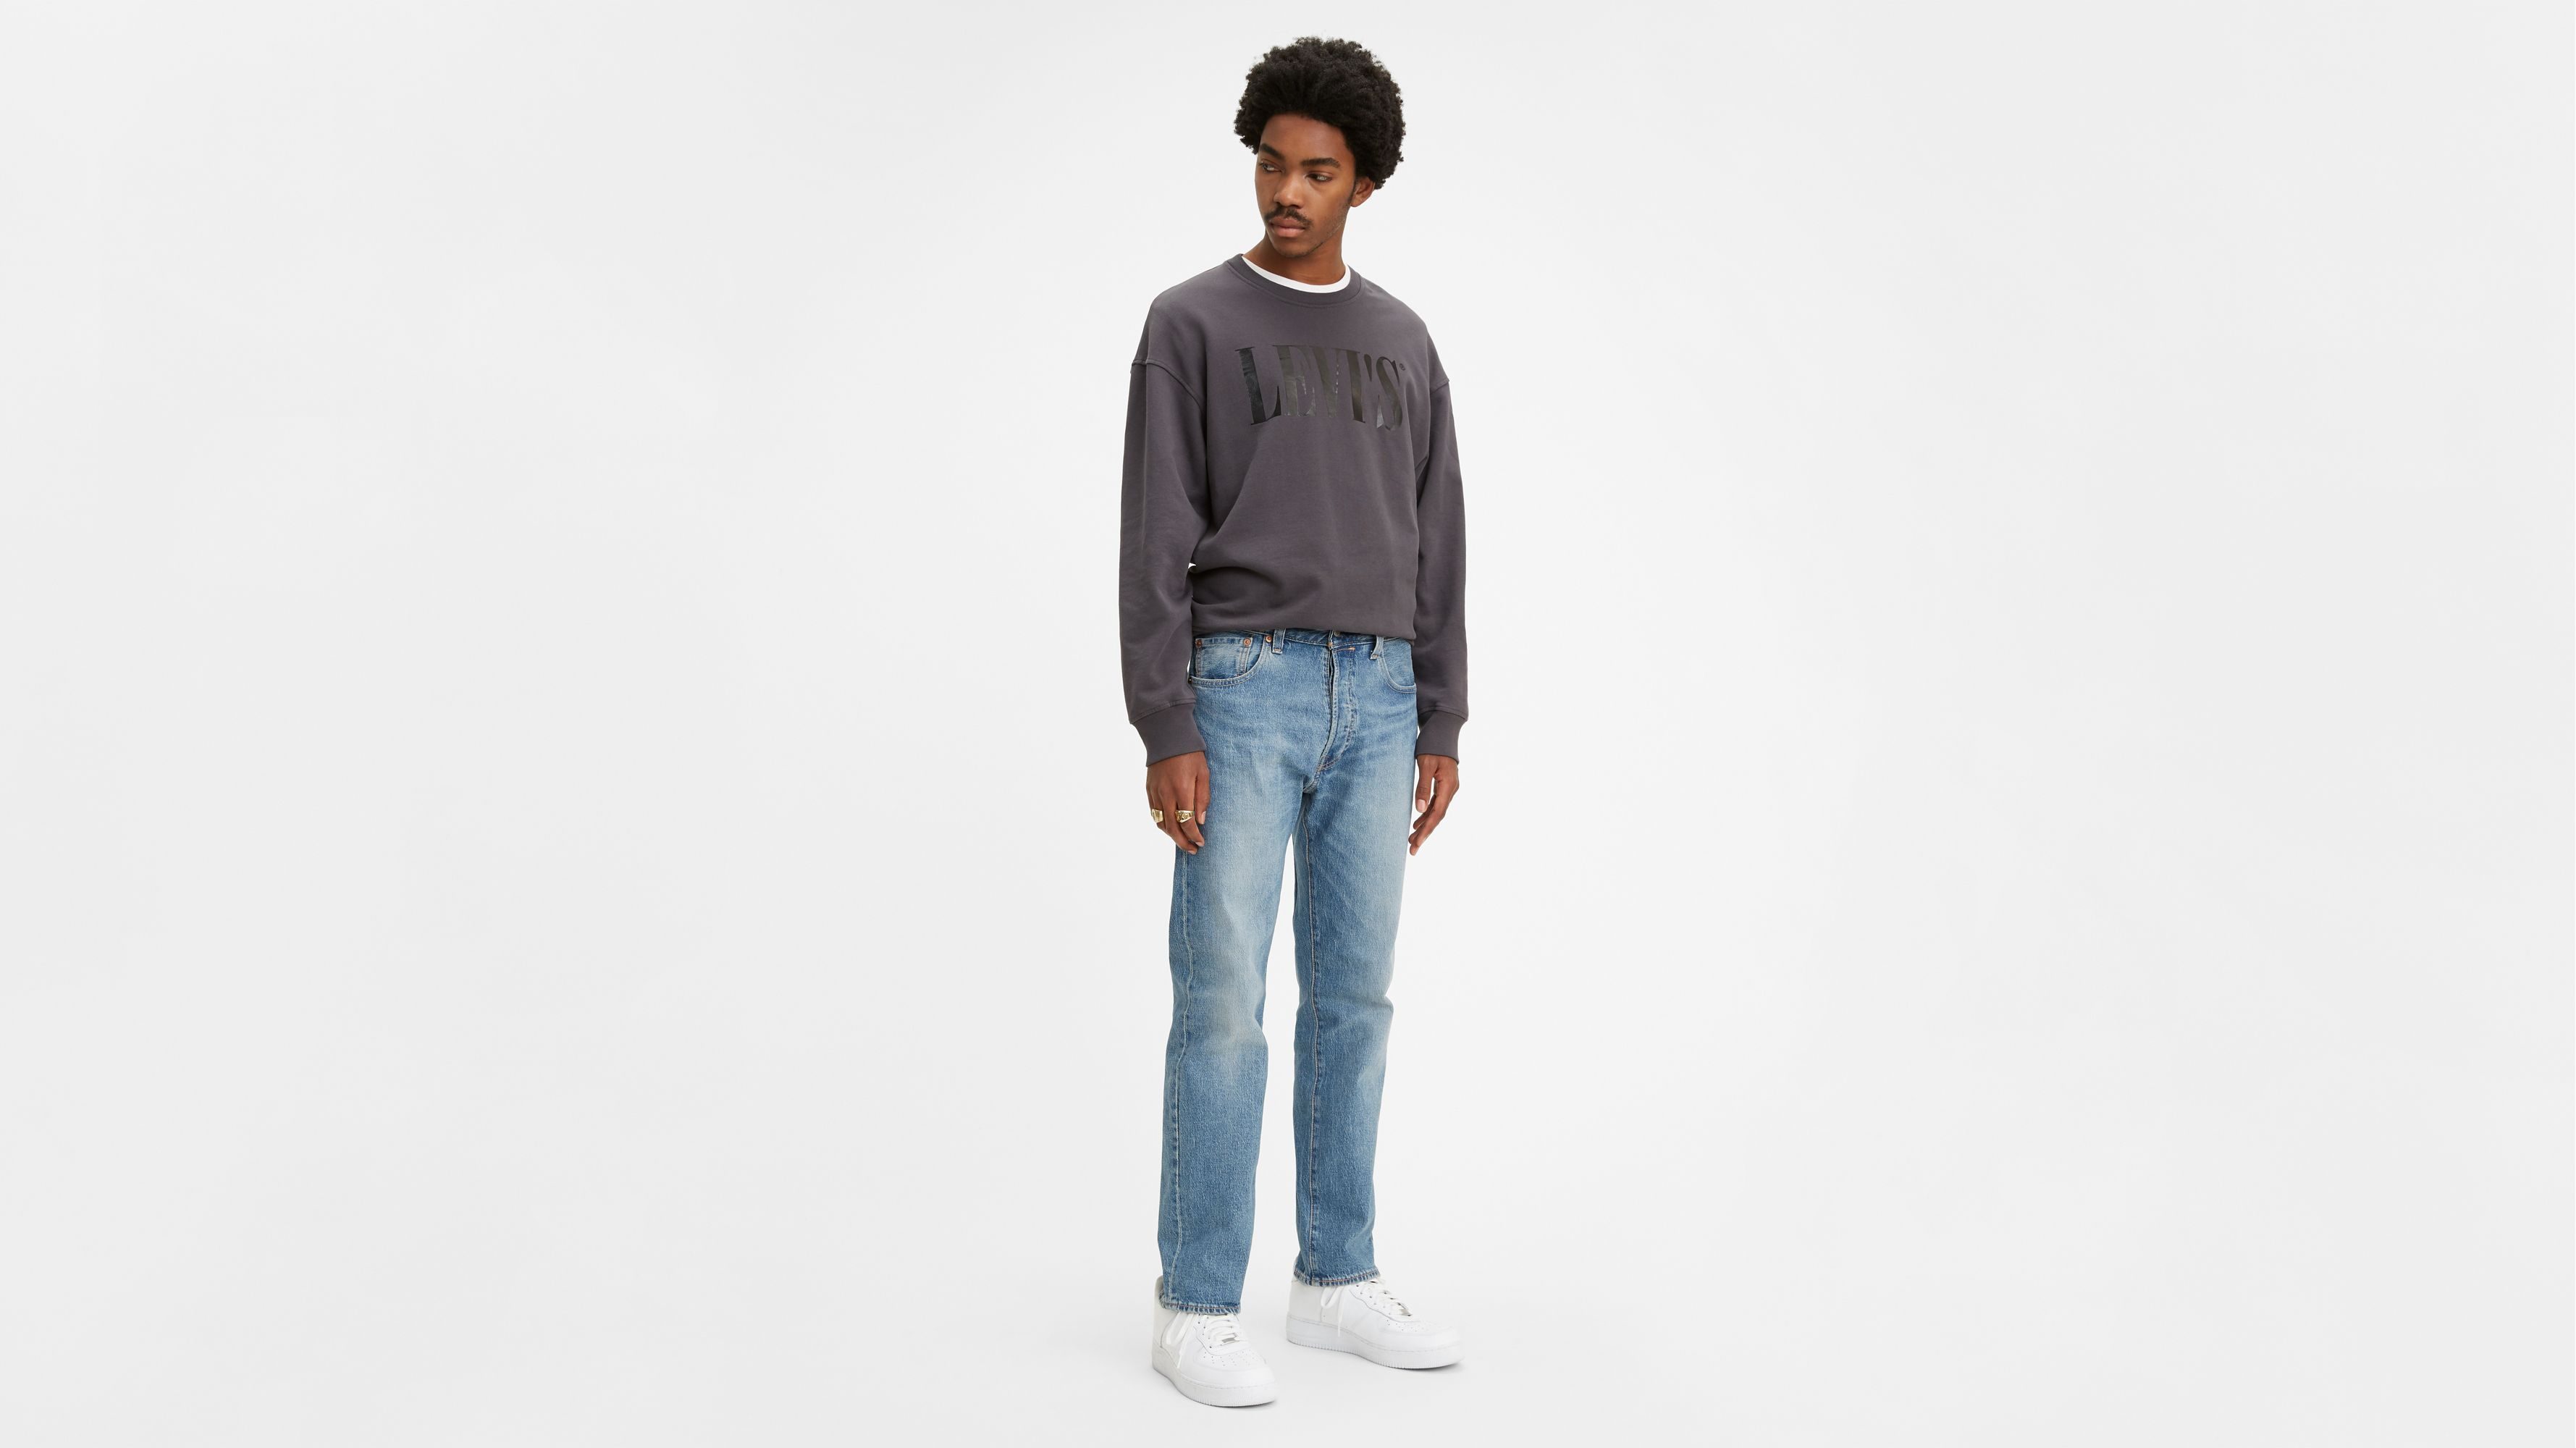 Men's Jeans Shop All Denim Jeans & Pants For Men | Levi's® US